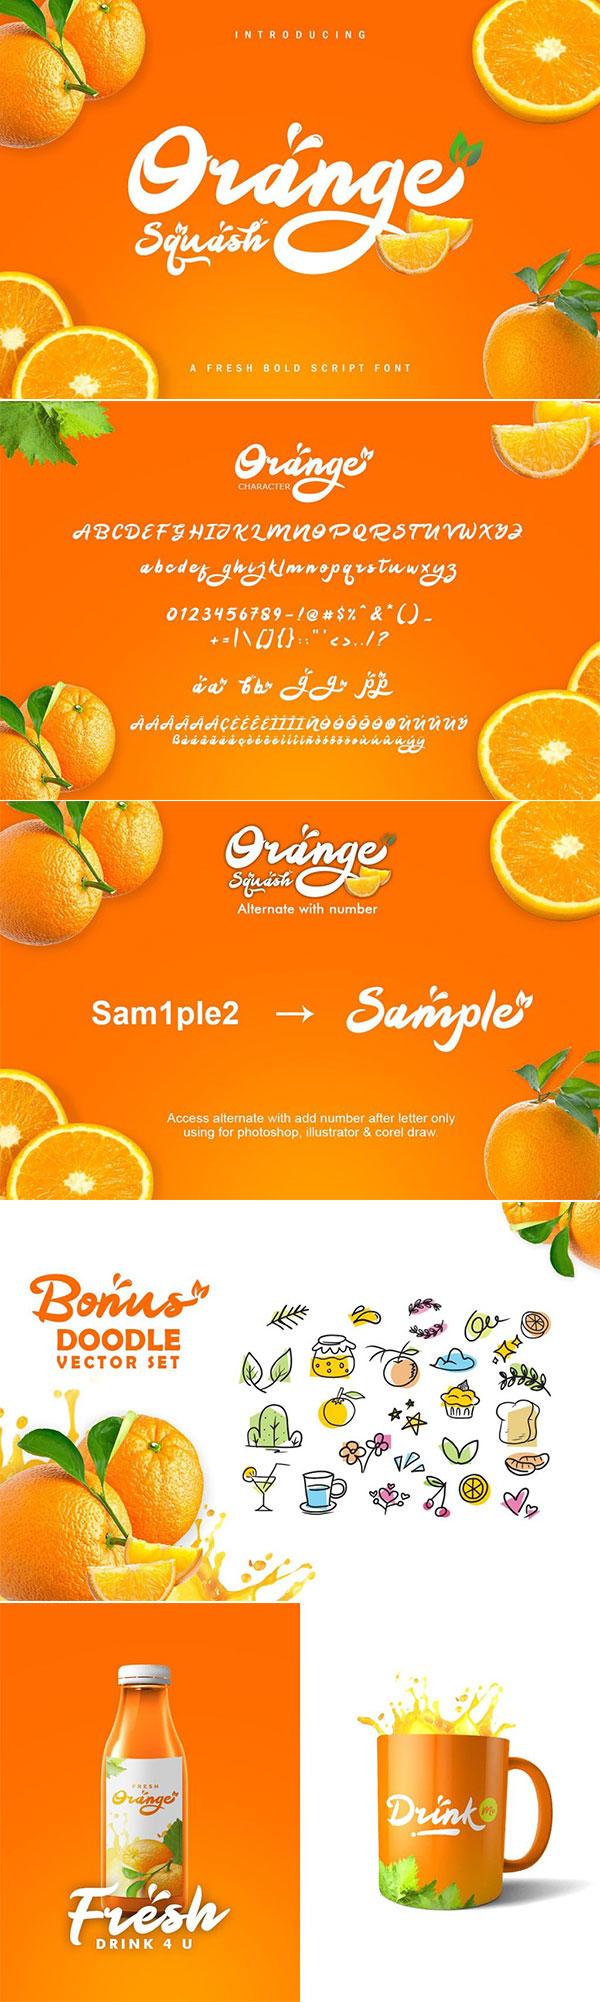 OrangeSquash